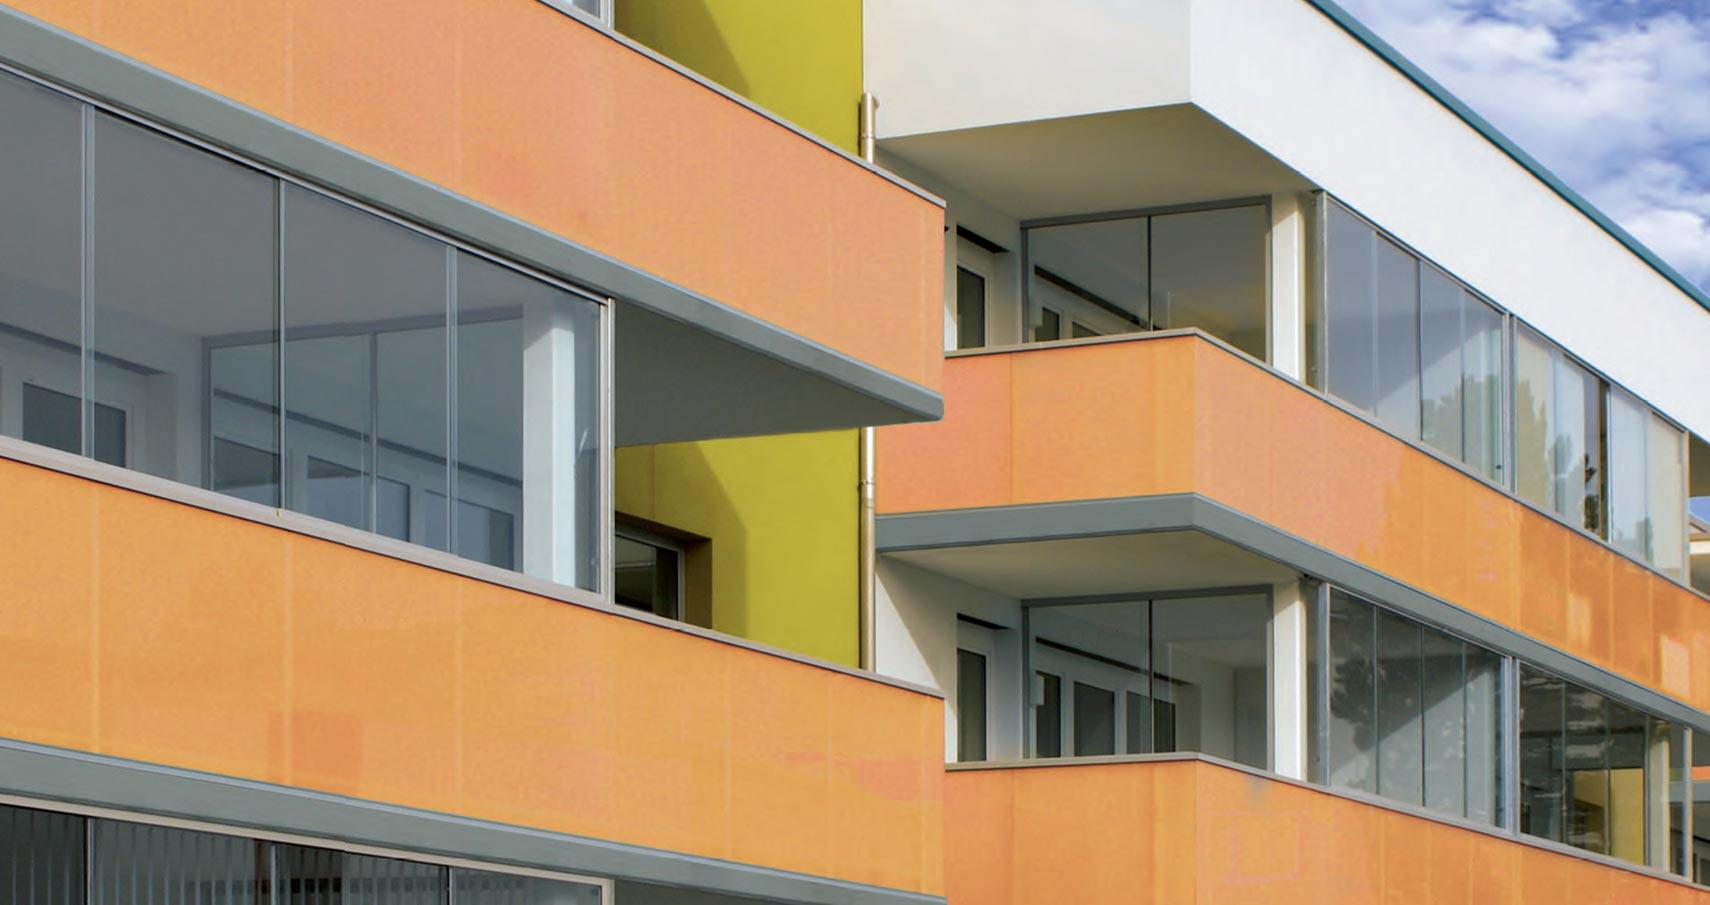 Glas Marte Winter Garden Balcony Glazing System